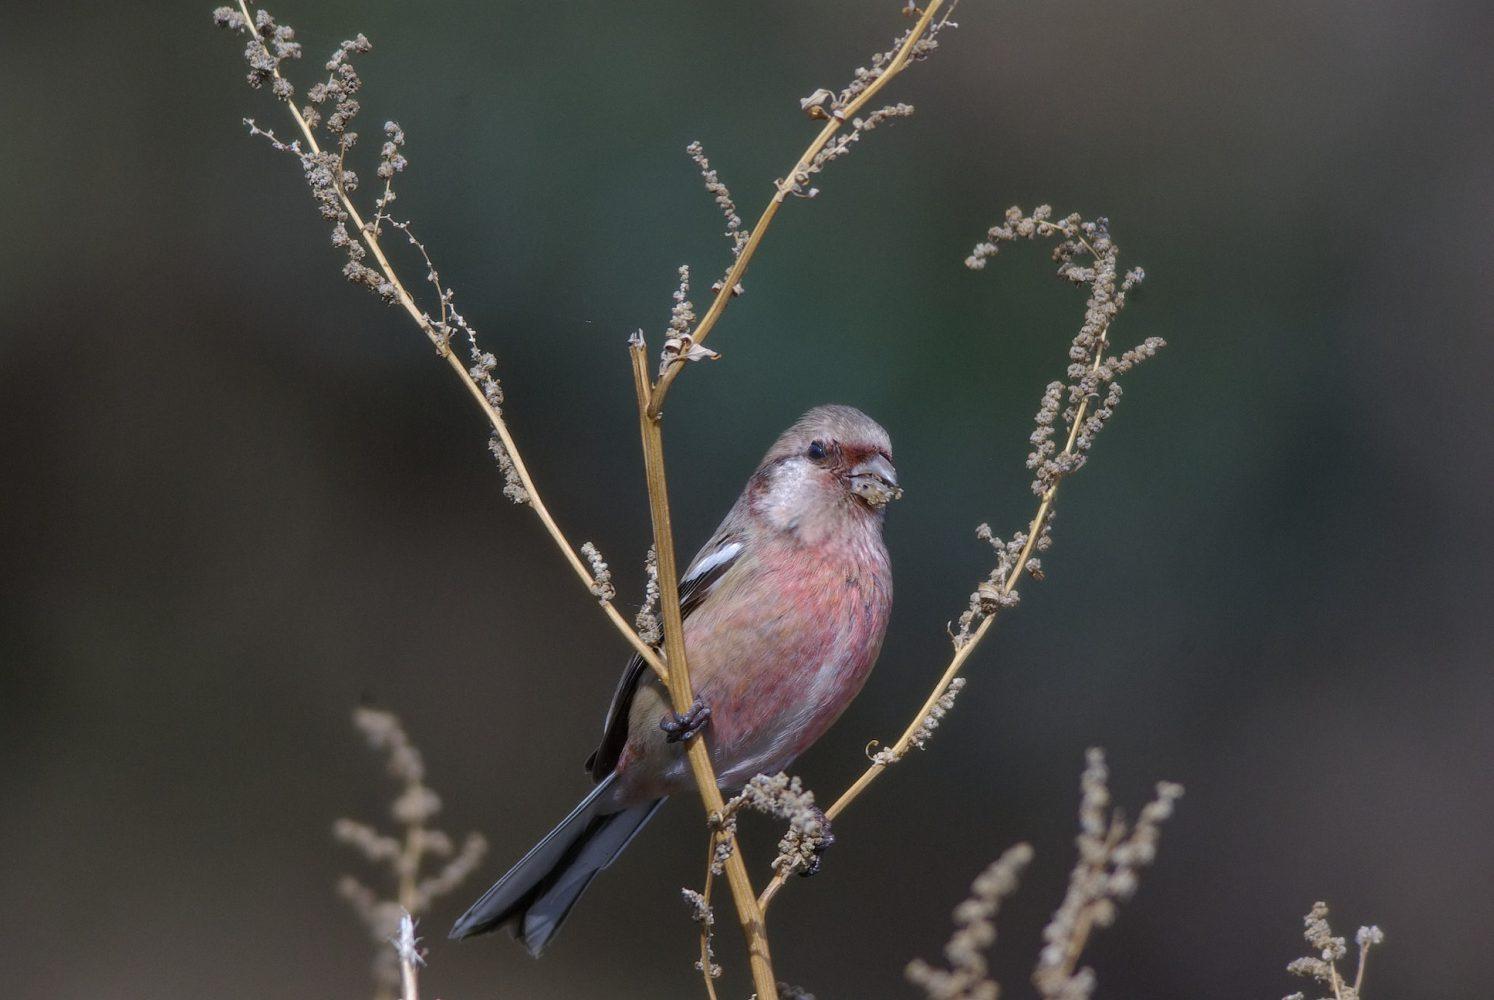 AFボーグ BORG77EDⅡで撮影した野鳥・ベニマシコの写真画像